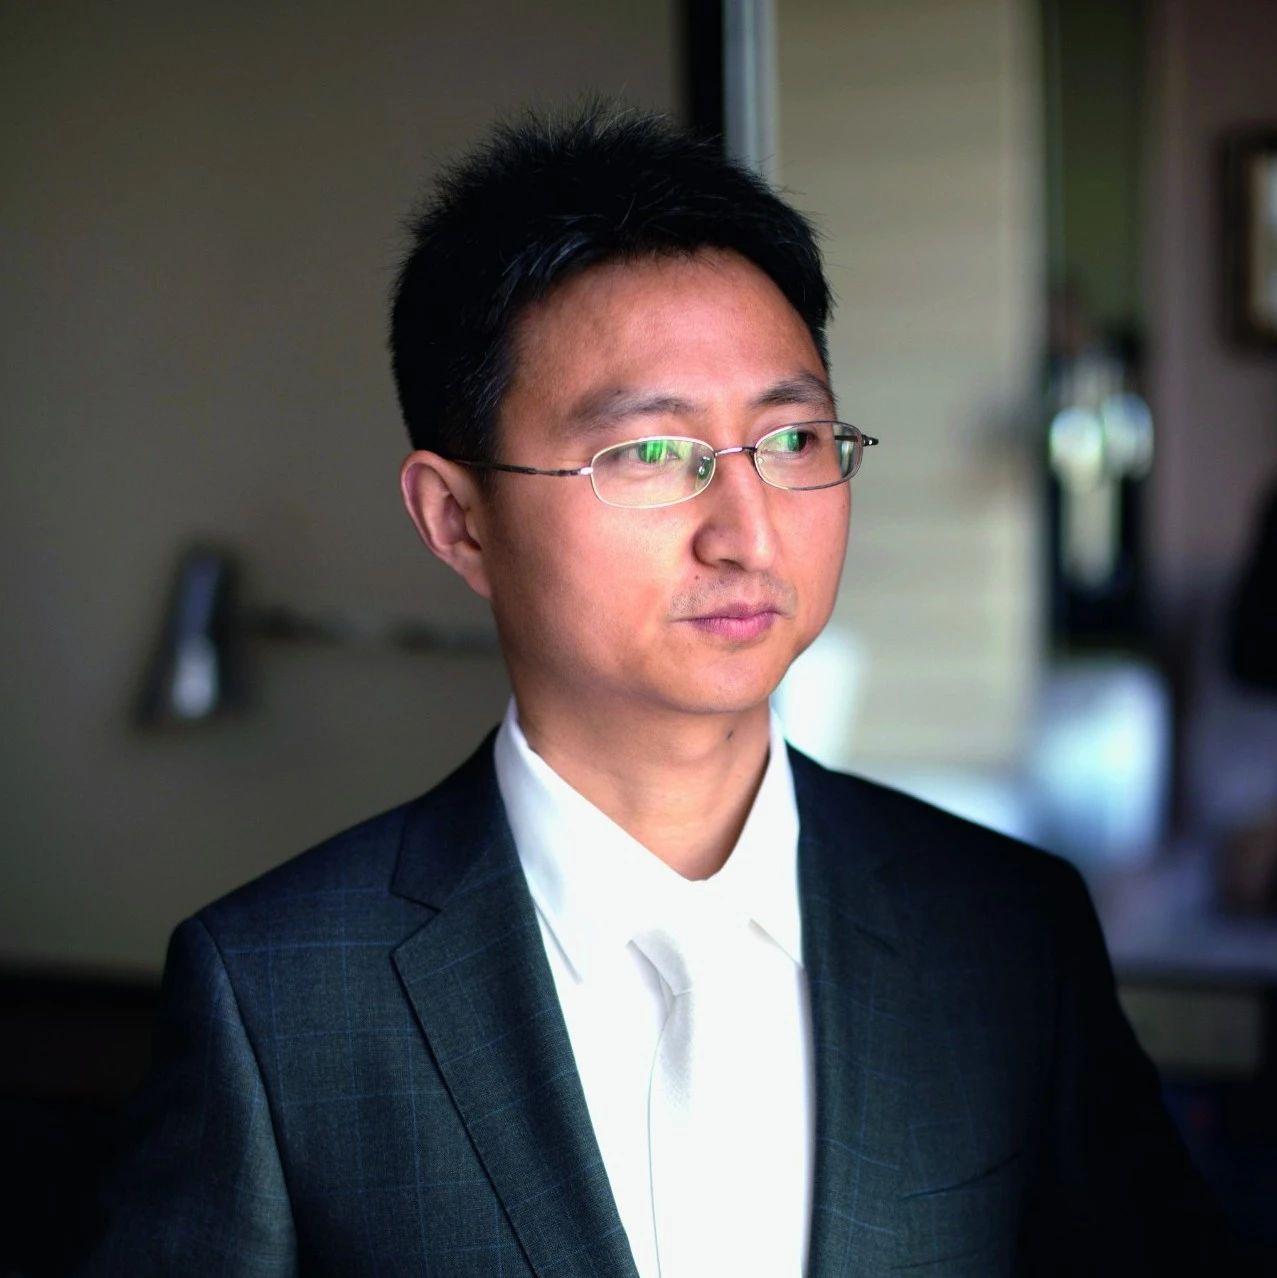 朱俊生:农业保险助力乡村振兴